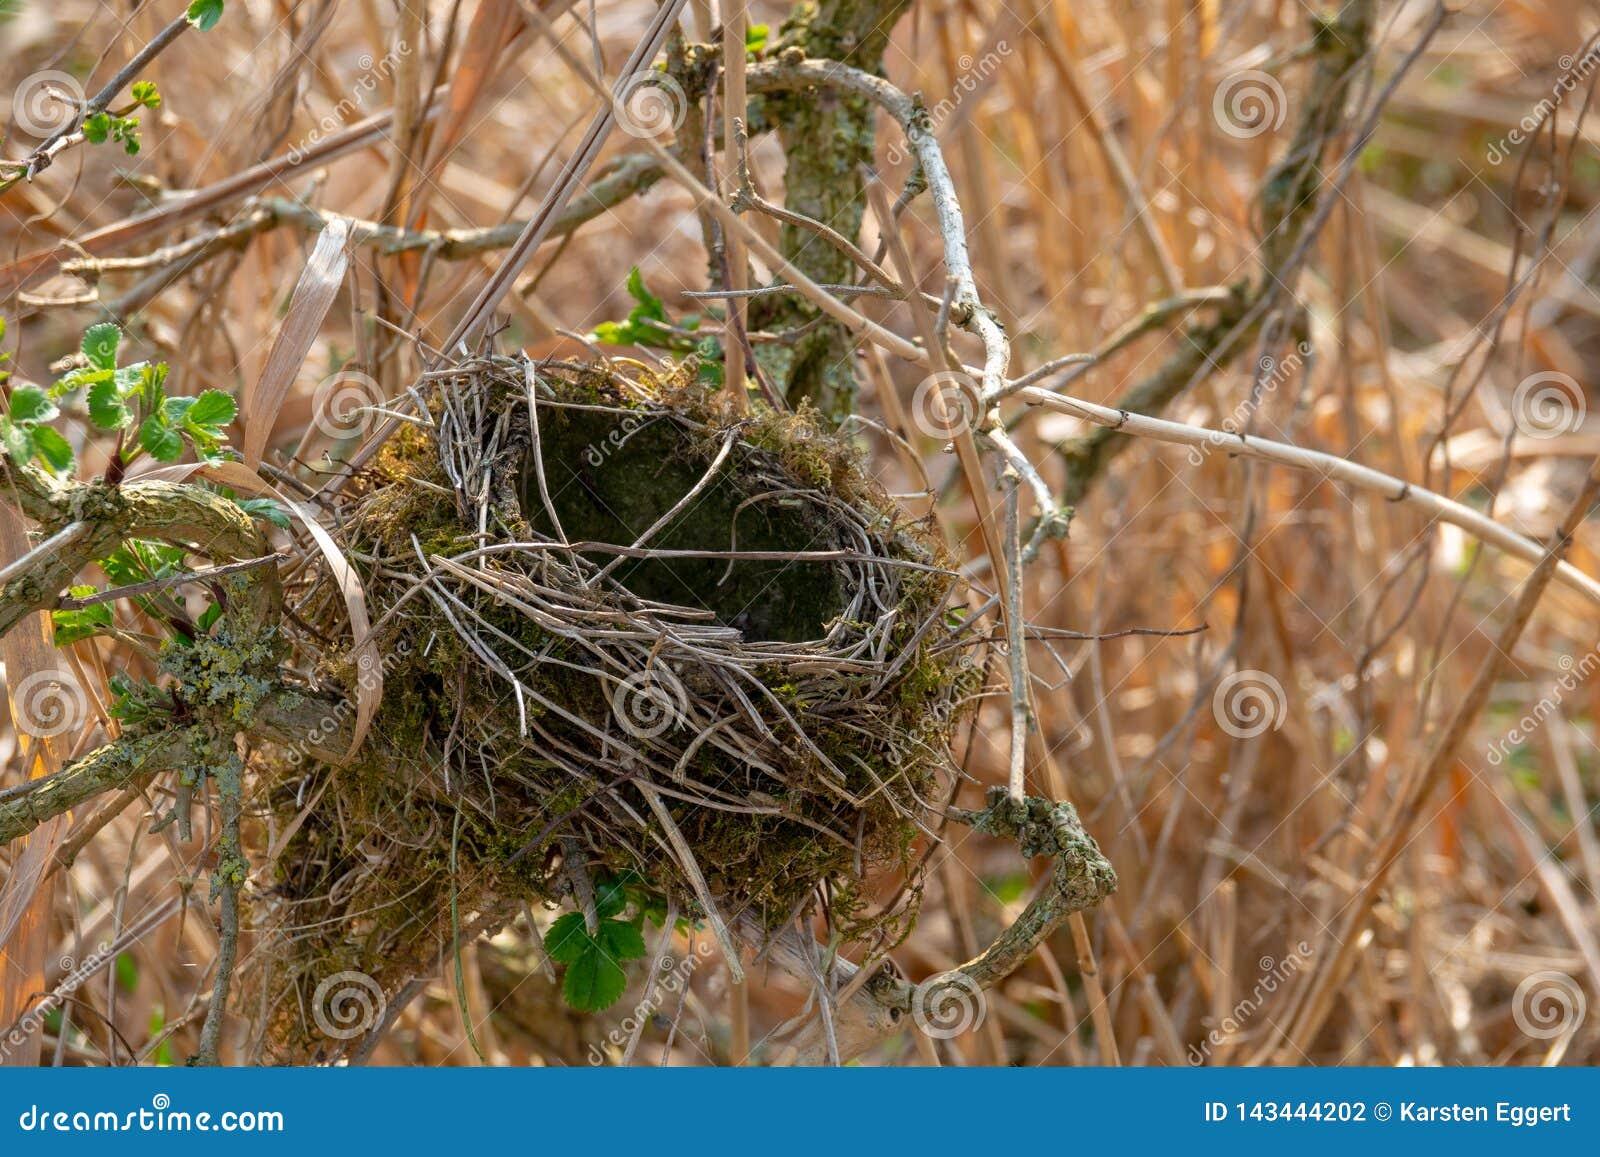 Tomt fågelbo i en buske